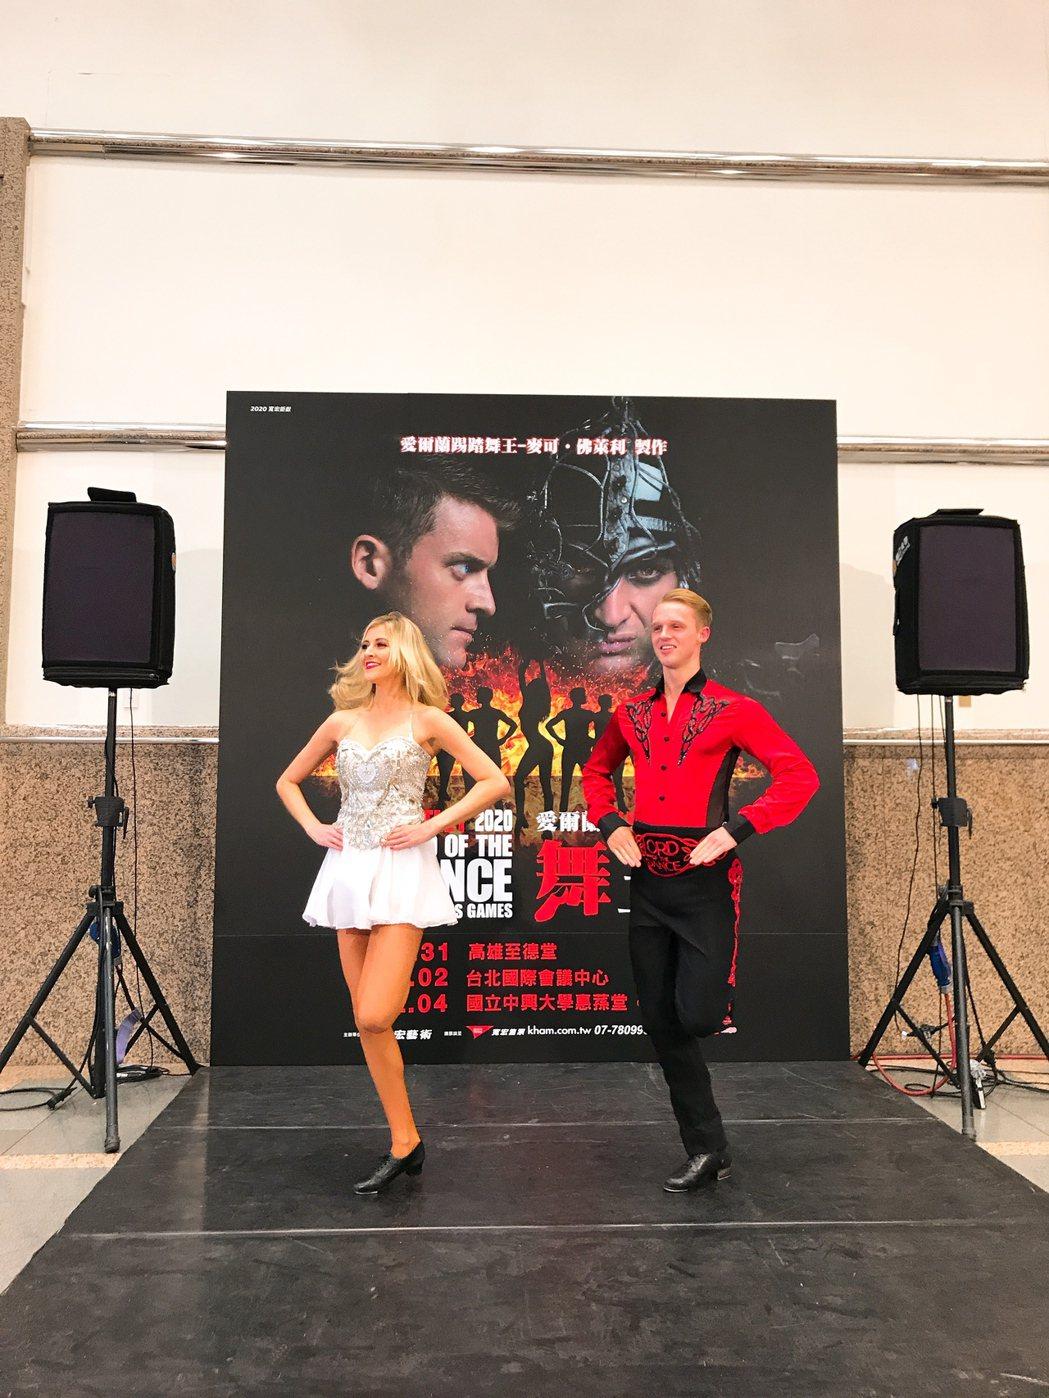 男舞者馬修史密斯、女舞者艾琳麥基拉薇特別北上宣告「舞王:危險遊戲」正式於北中南開